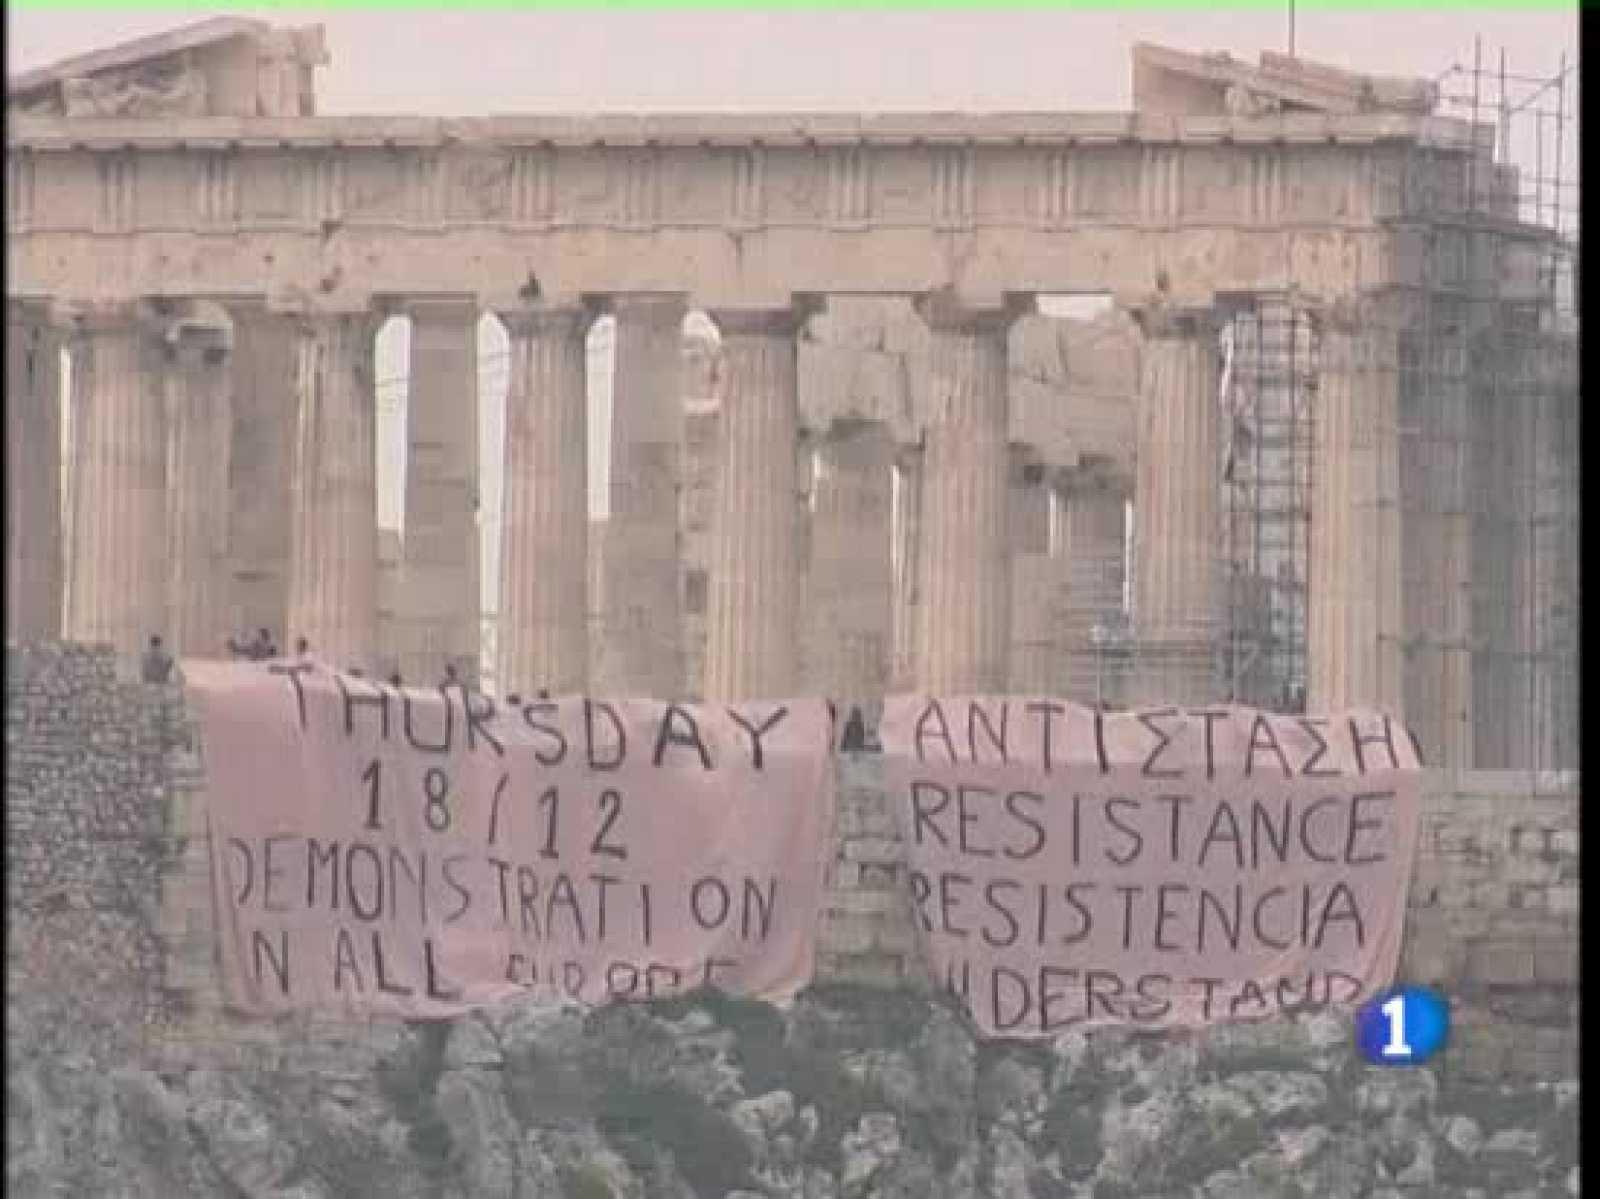 Un grupo de unos 60 jóvenes ha colocado una pancarta gigante en el muro del recinto arqueológico de la Acrópolis de Atenas con el lema de 'Resistencia'